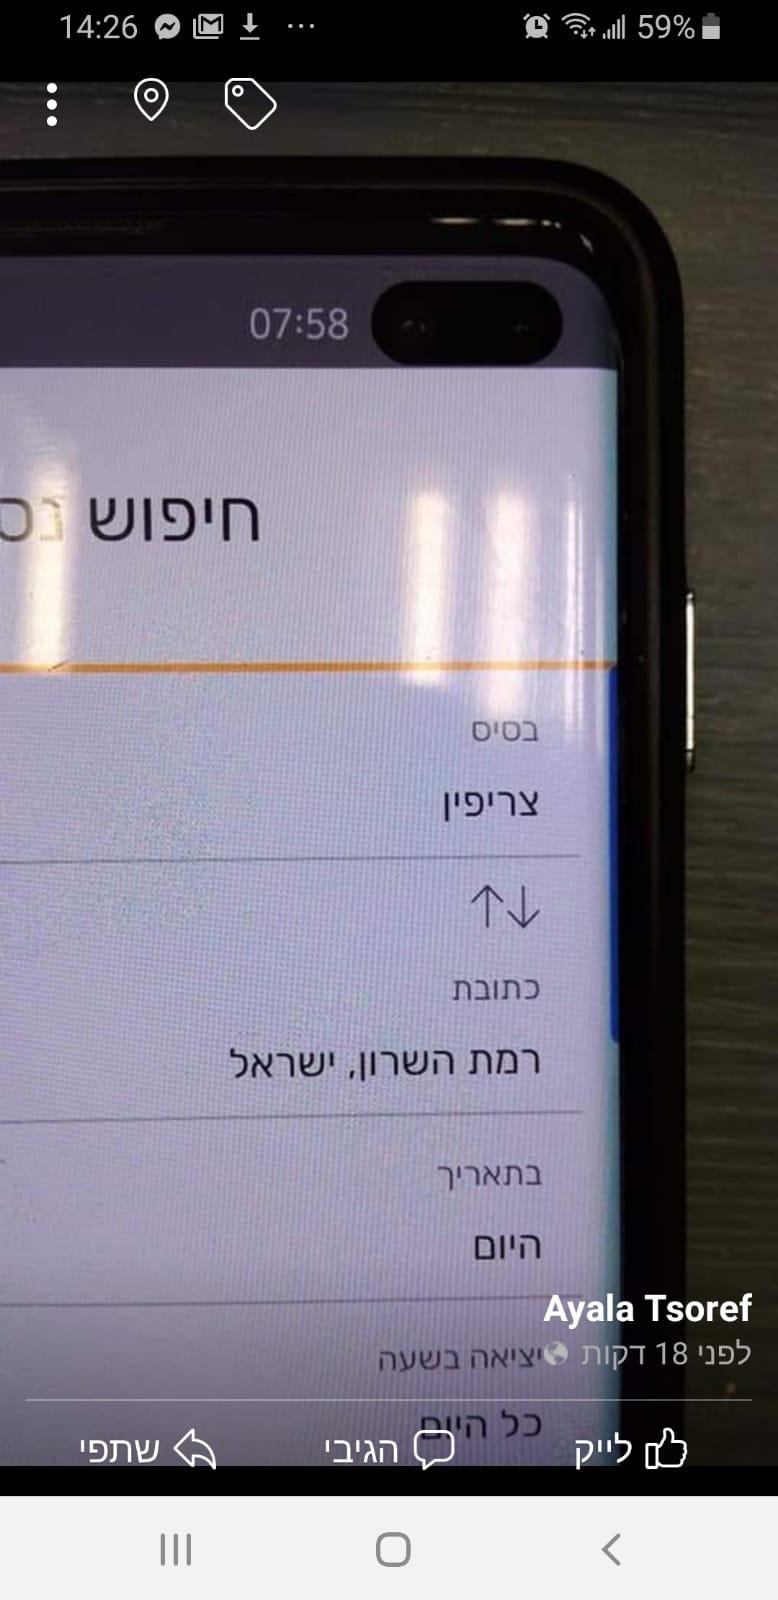 """שאט""""ל אפליקציה לתחבורה שיתופית חכמה"""